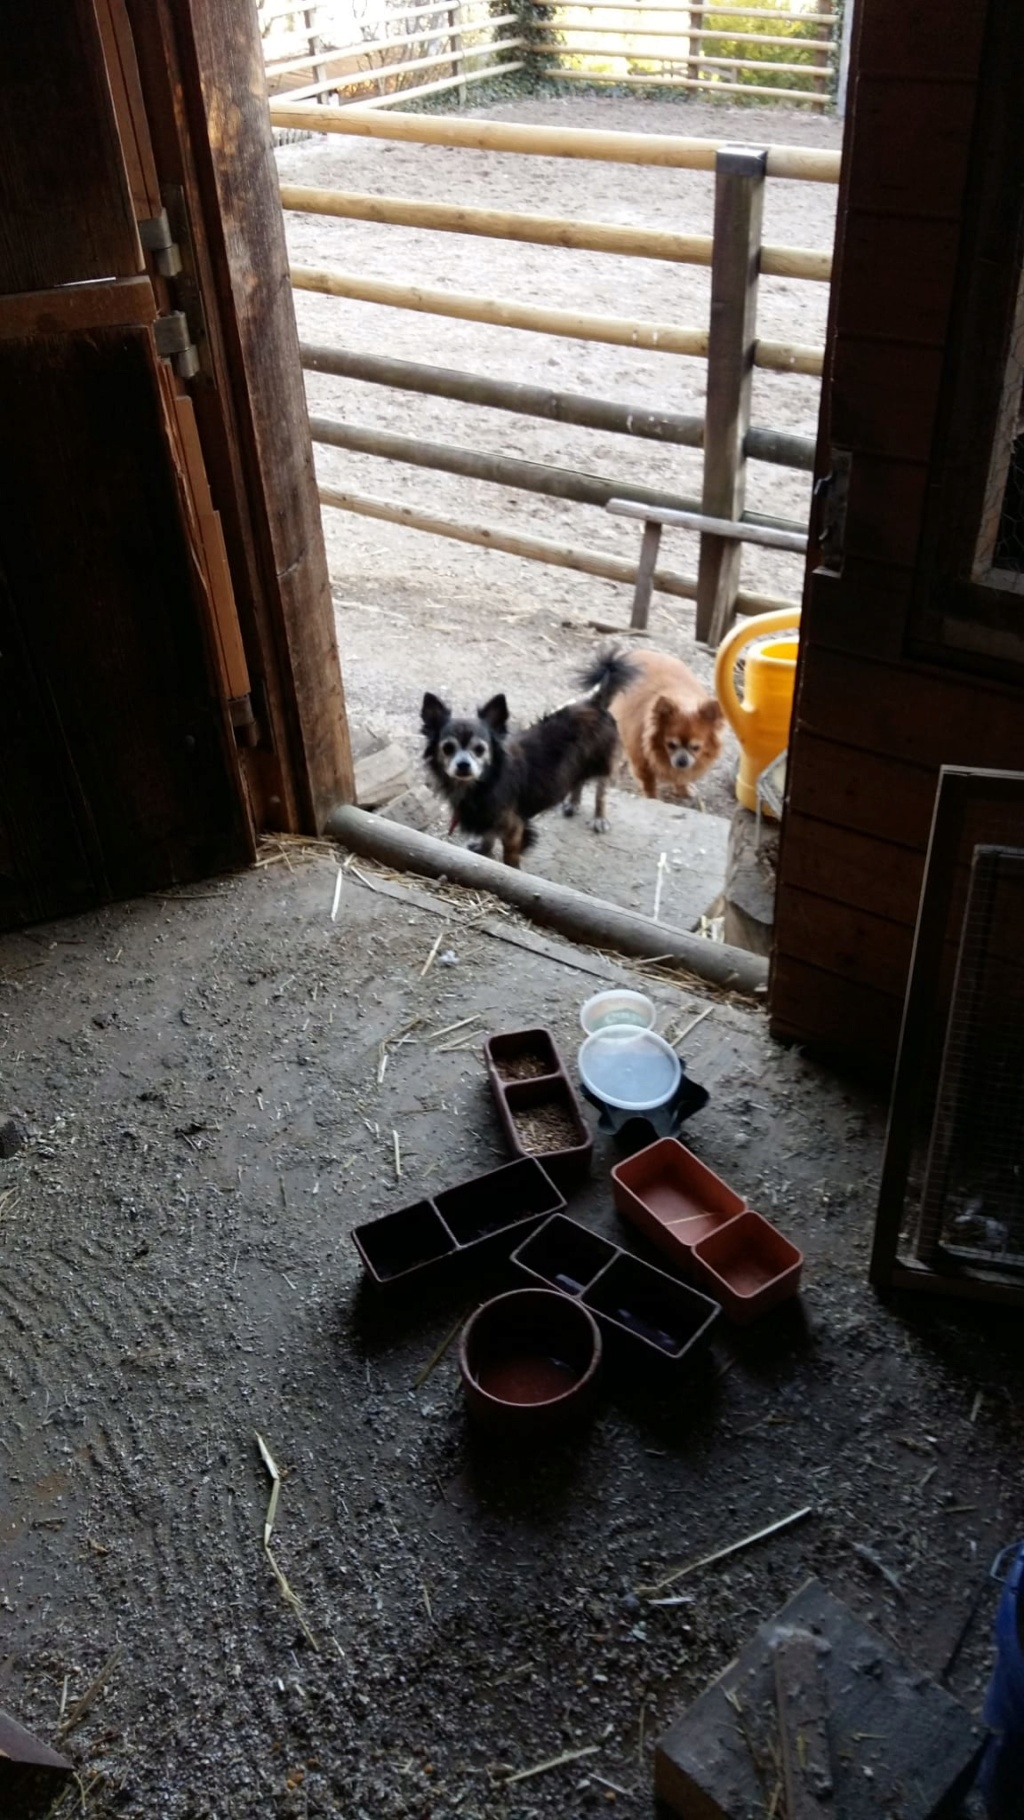 ELLIOT et CARAMEL - x chihuahua/papillon 9 et 11 ans - Asso Animale Attitude 63 - adoptés par Françoise, filleuls de frimousse Photo_13